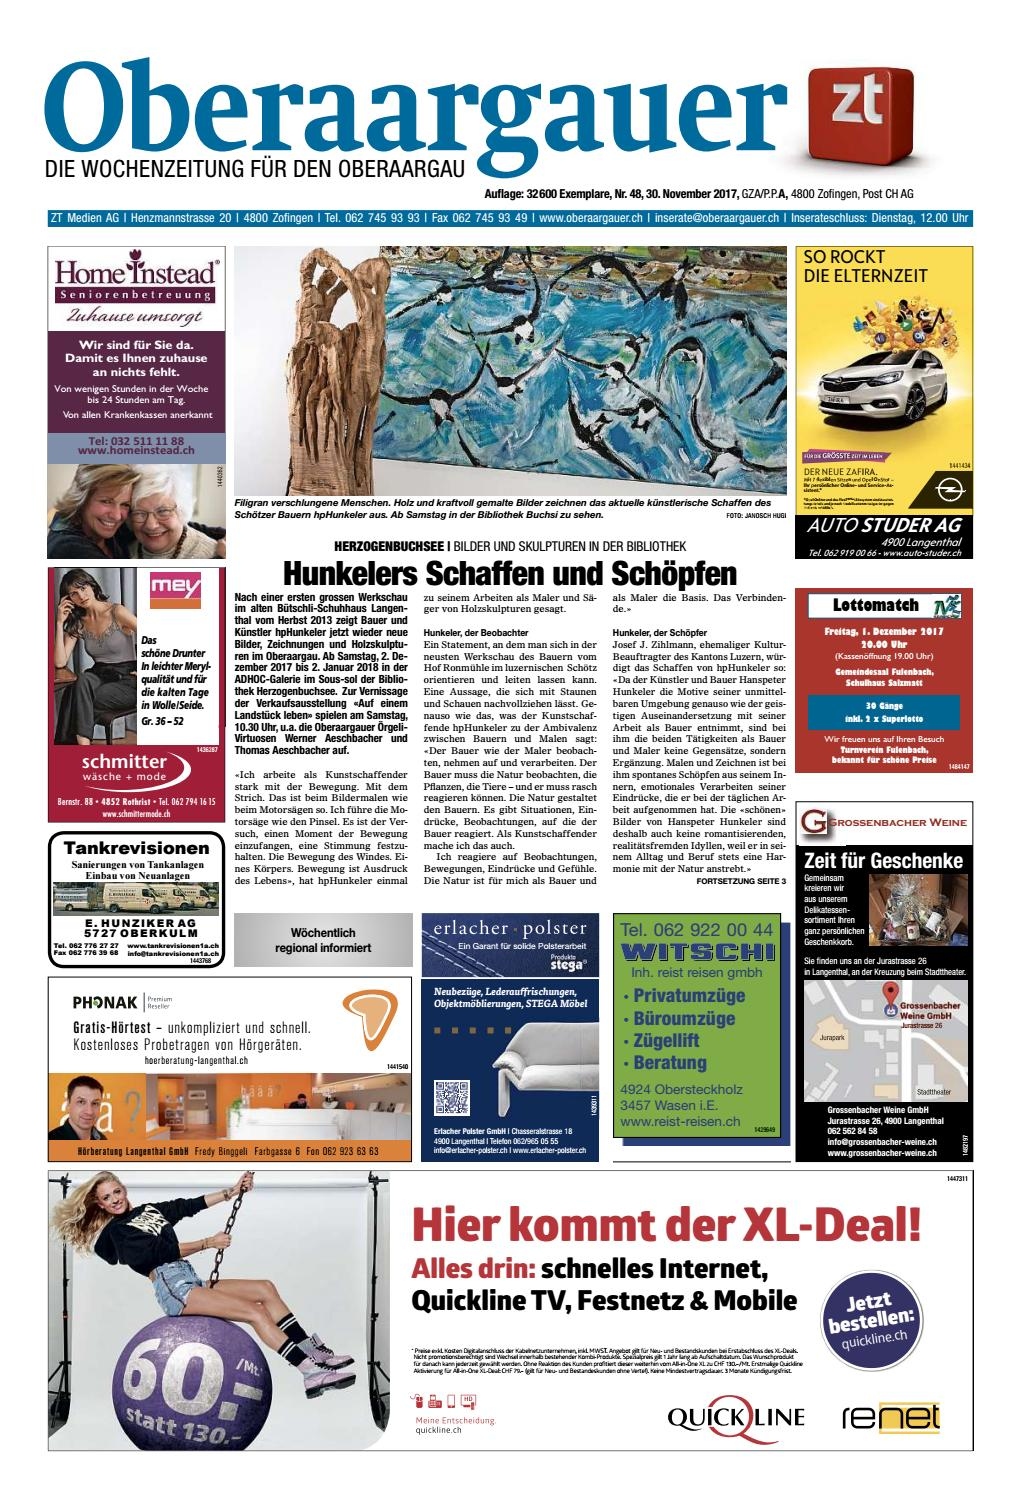 Diskrete Treffen Kloten Bern - Schweizer Single Mnner Glarus